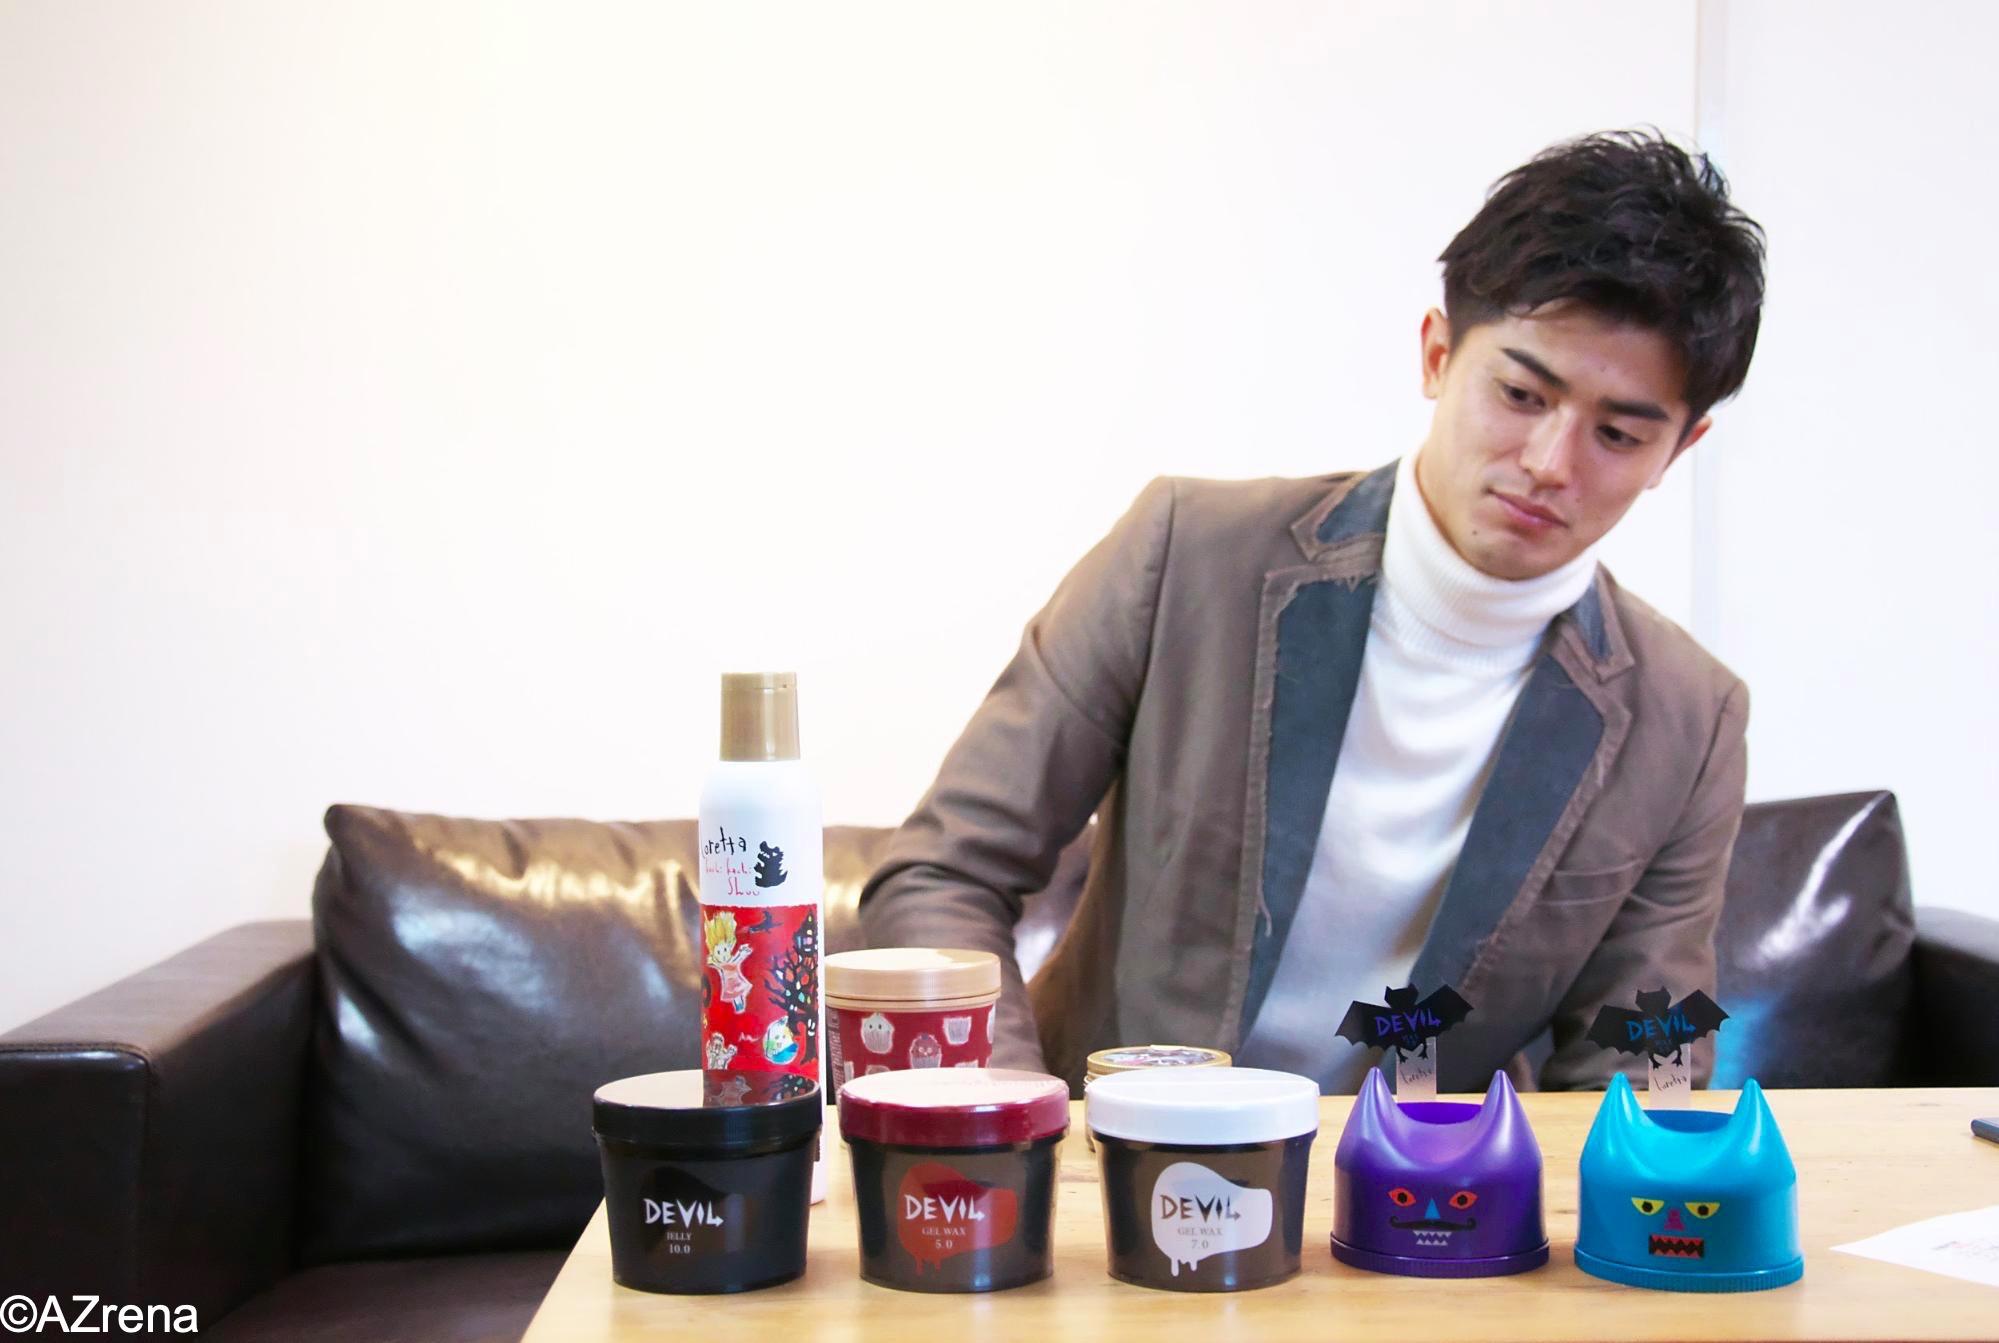 ロレッタのスタイリング剤に興味を示す谷口彰悟選手